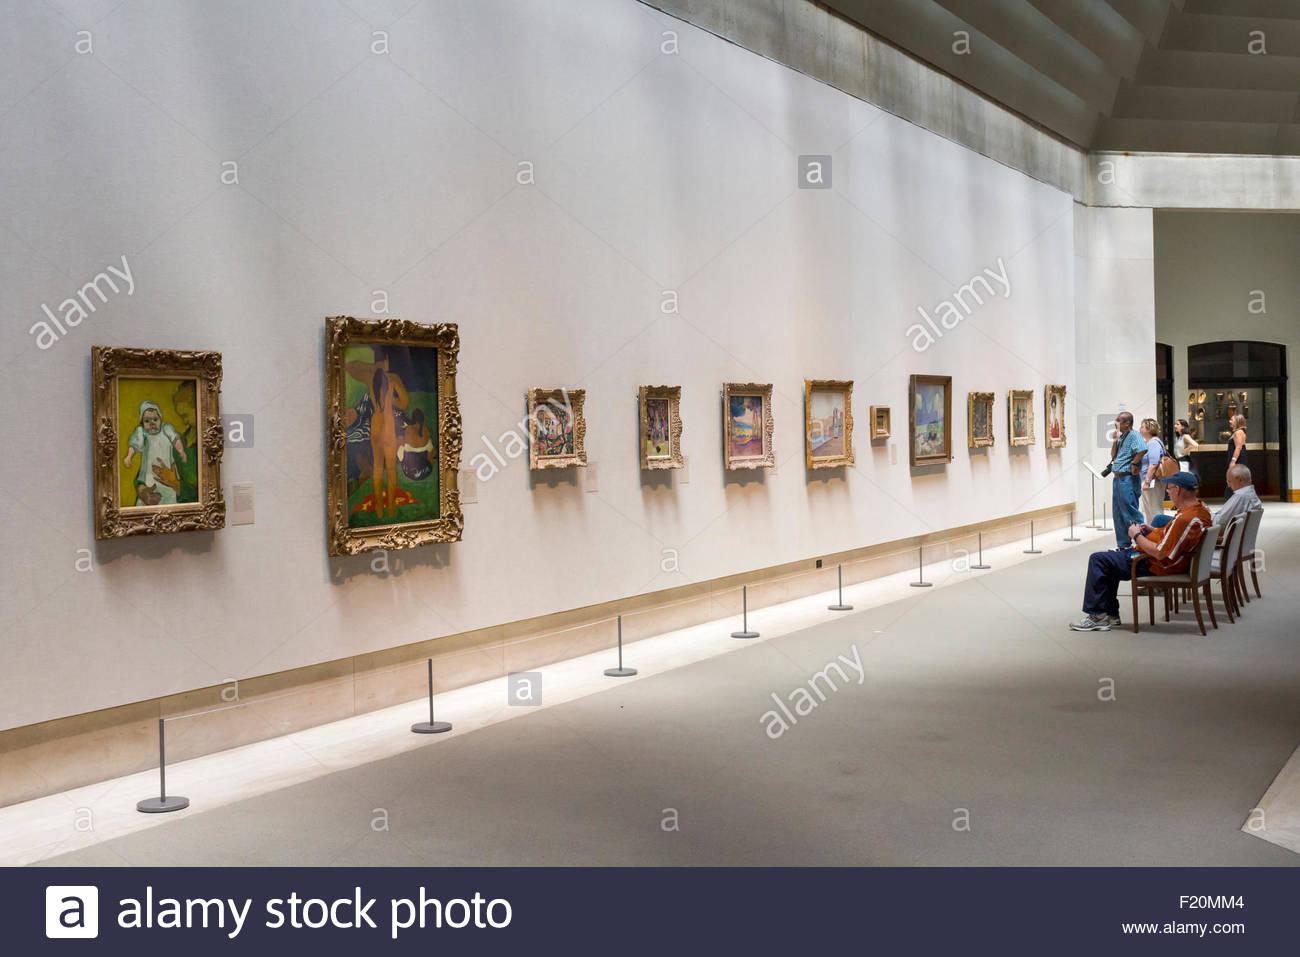 Visitors viewing artwork in the Metropolitan Museum of Art, Manhattan, New York City. - Stock Image